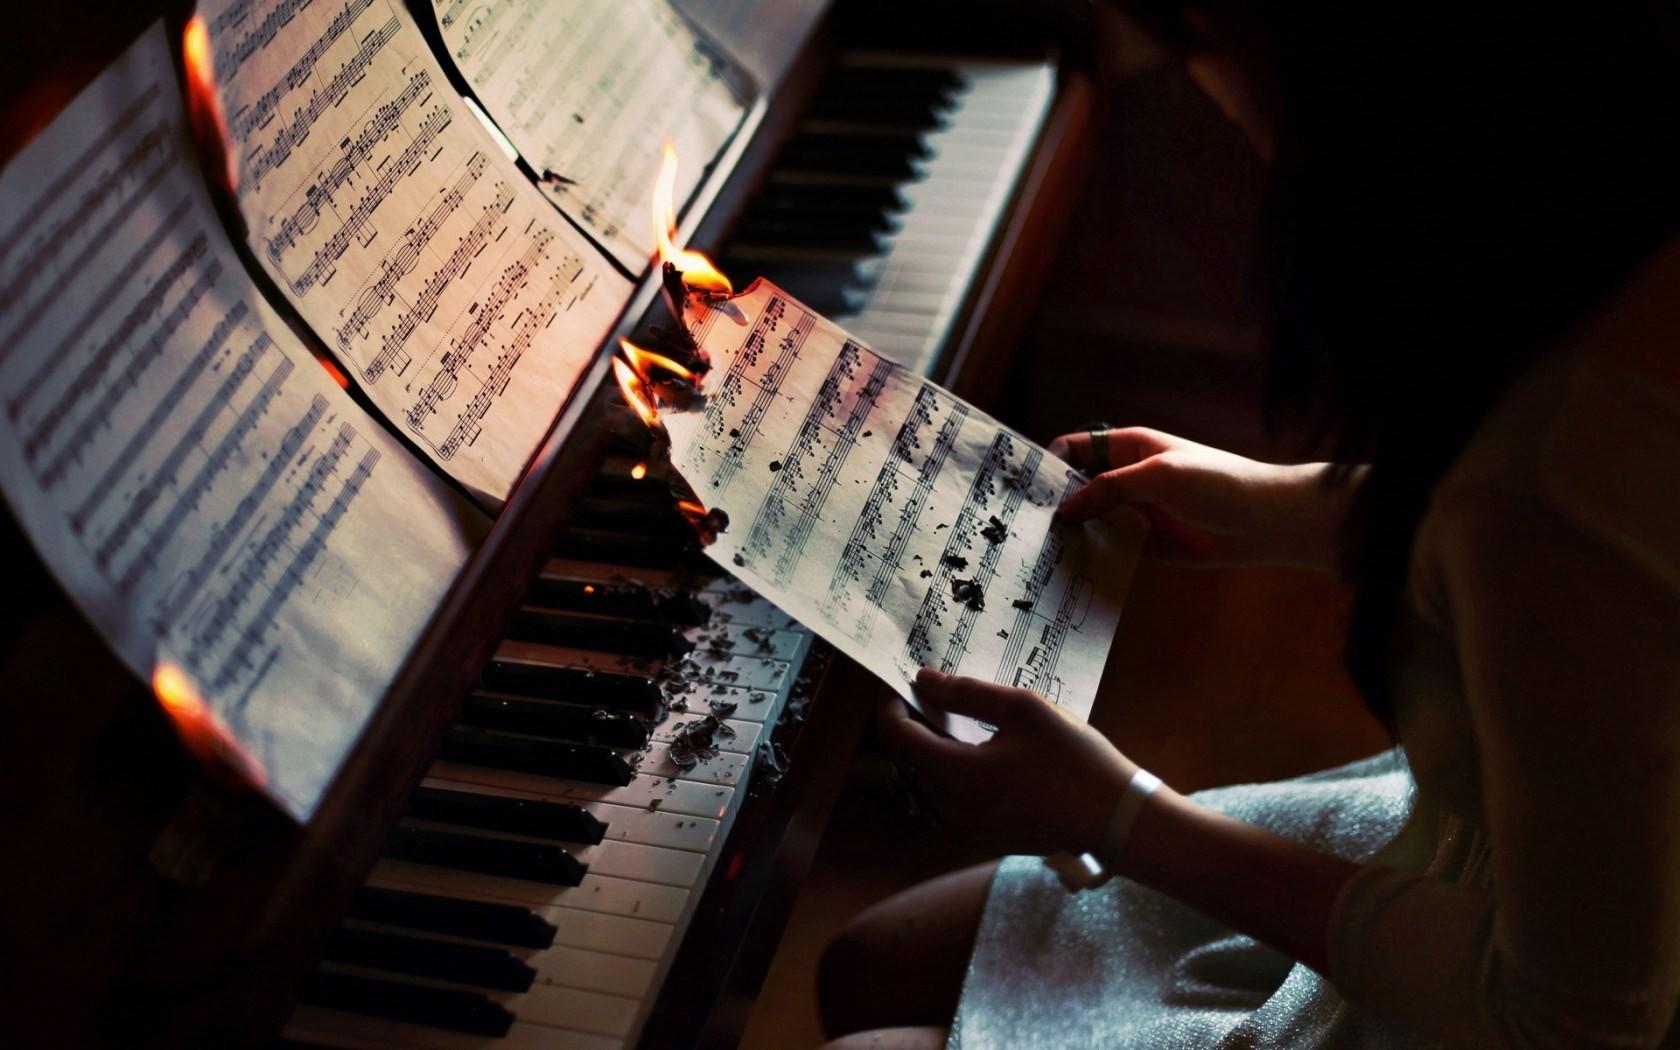 Popular Wallpaper Music Fire - wallls  Collection_231071.jpg